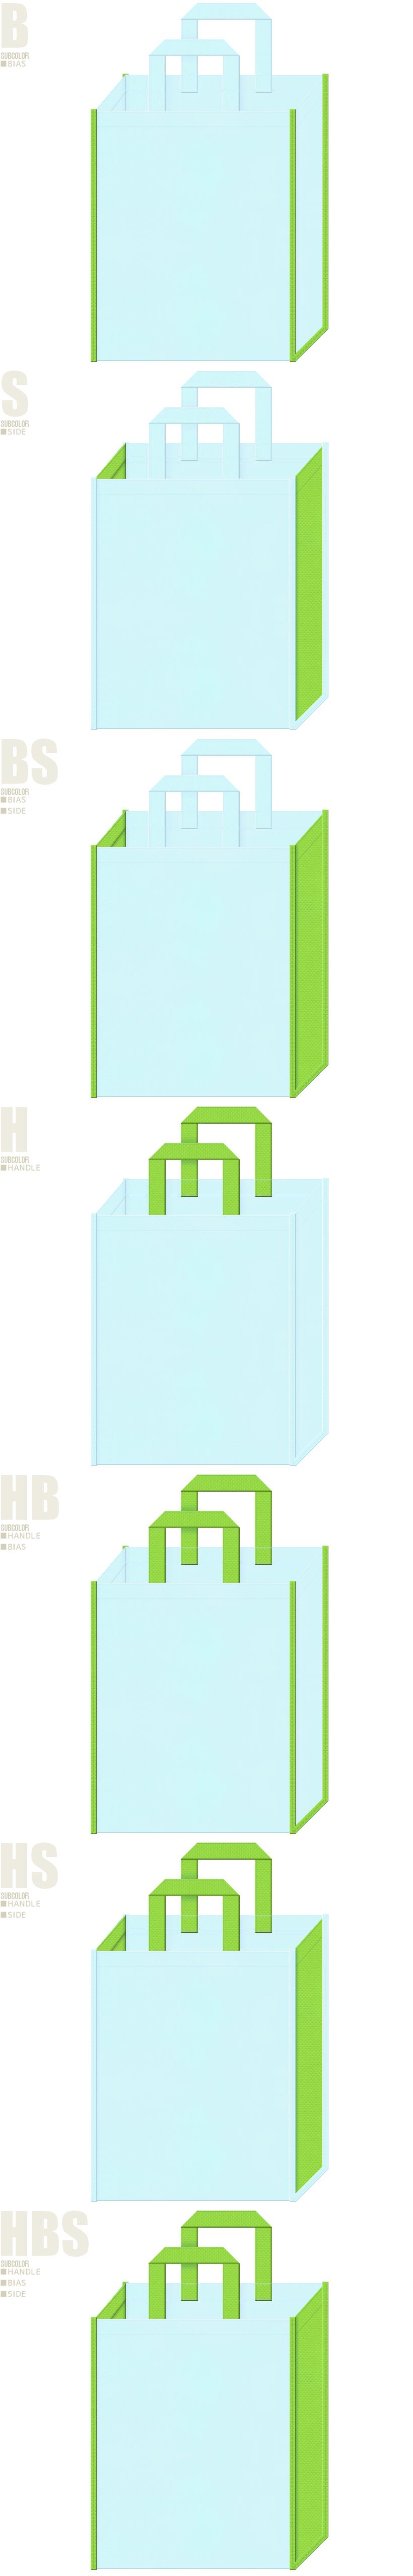 ロールプレイングゲーム・潤い・ナチュラル・水草・ビオトープ・水田・稲・水耕栽培・野菜工場・芝生・スプリンクラー・噴水・エクステリア・水と環境・水資源・環境イベントにお奨め不織布バッグデザイン:水色と黄緑色の配色7パターン